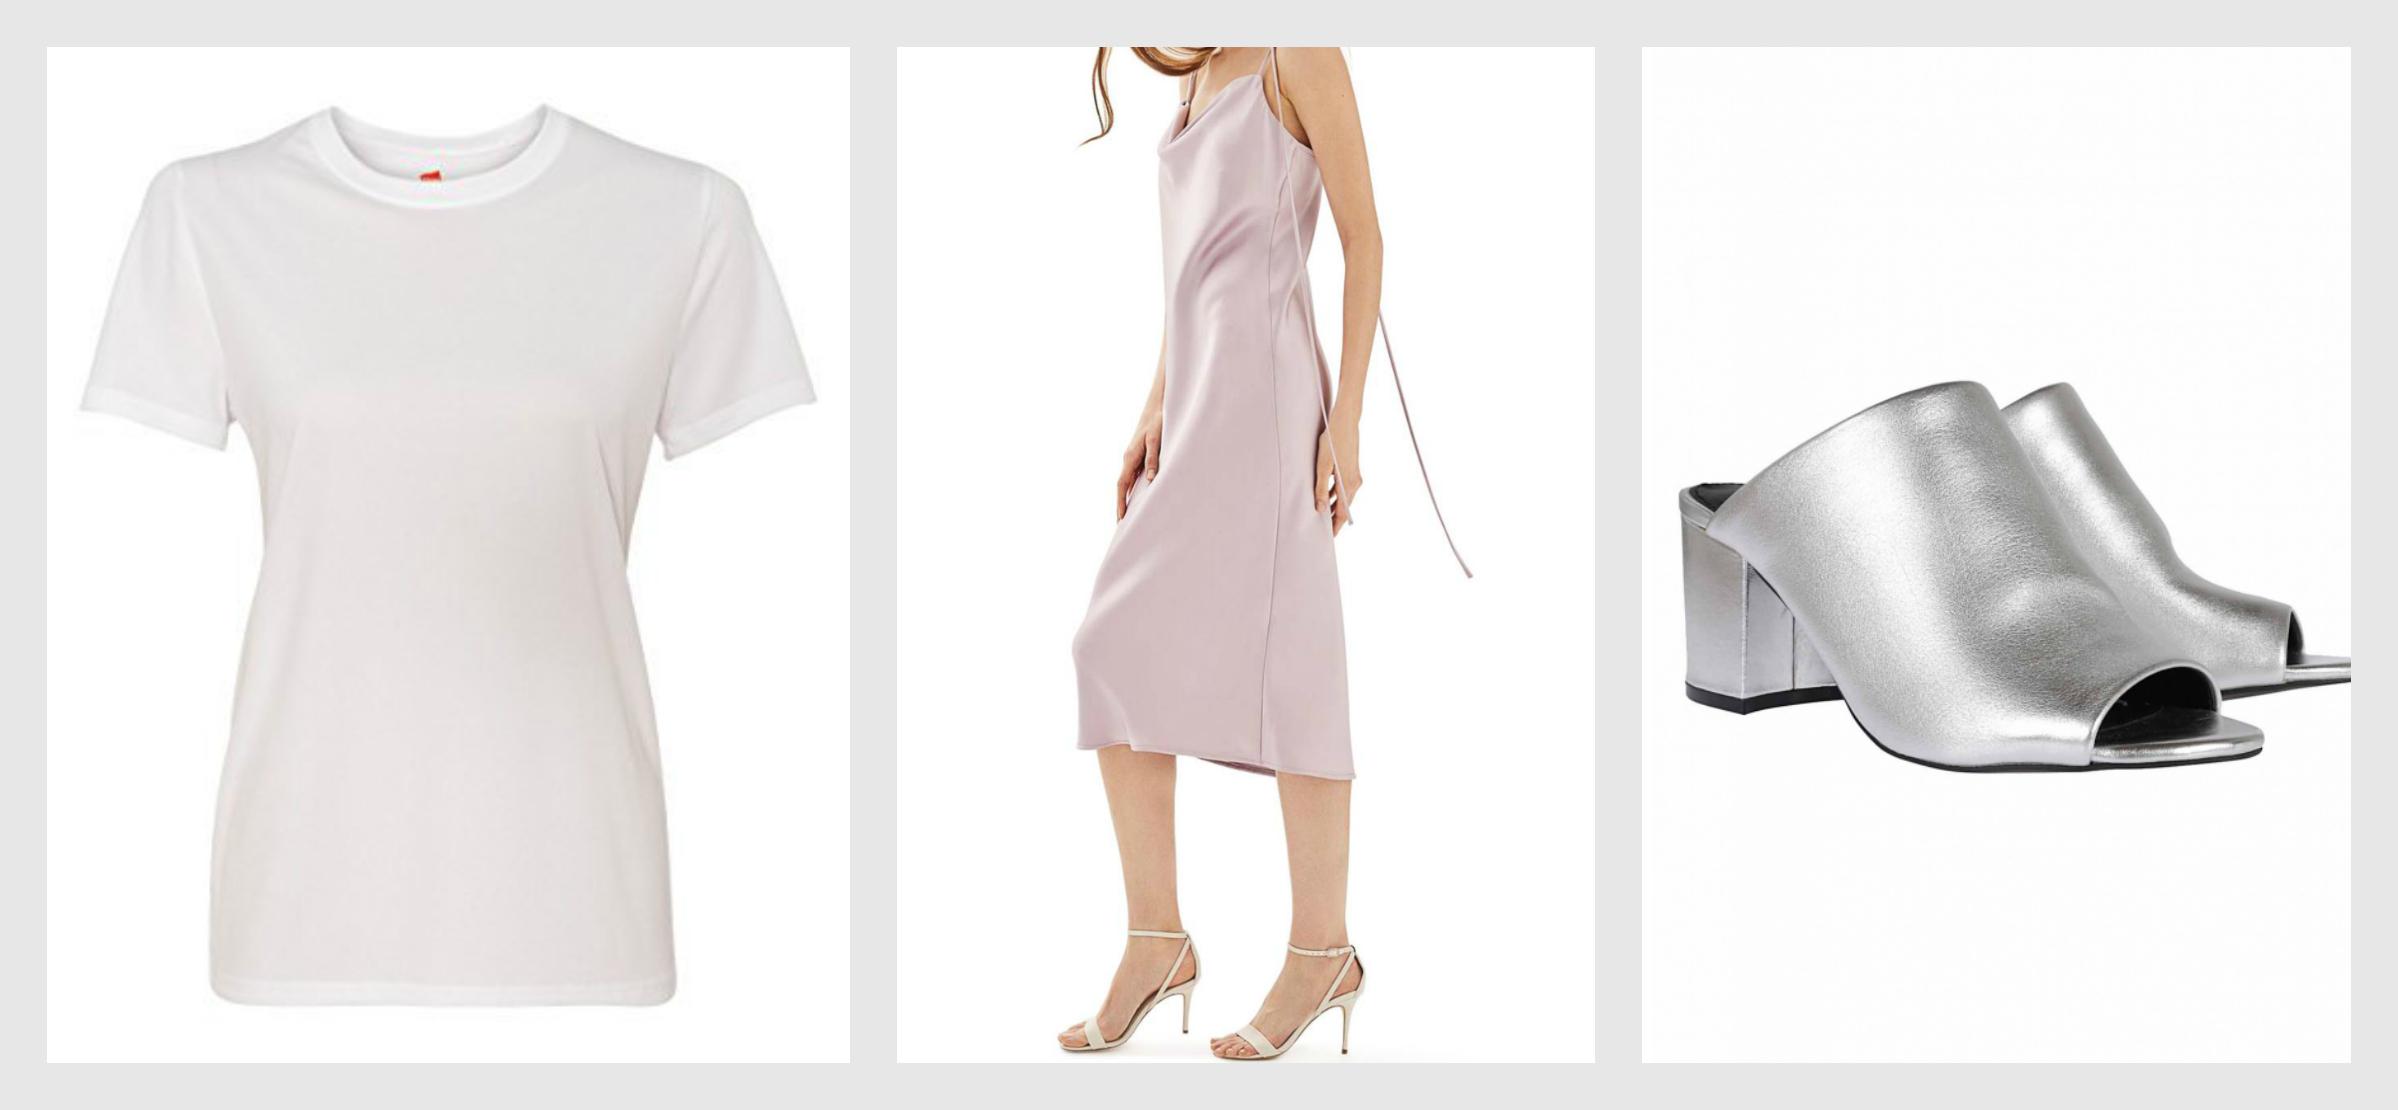 How to wear bridesmaid dress again